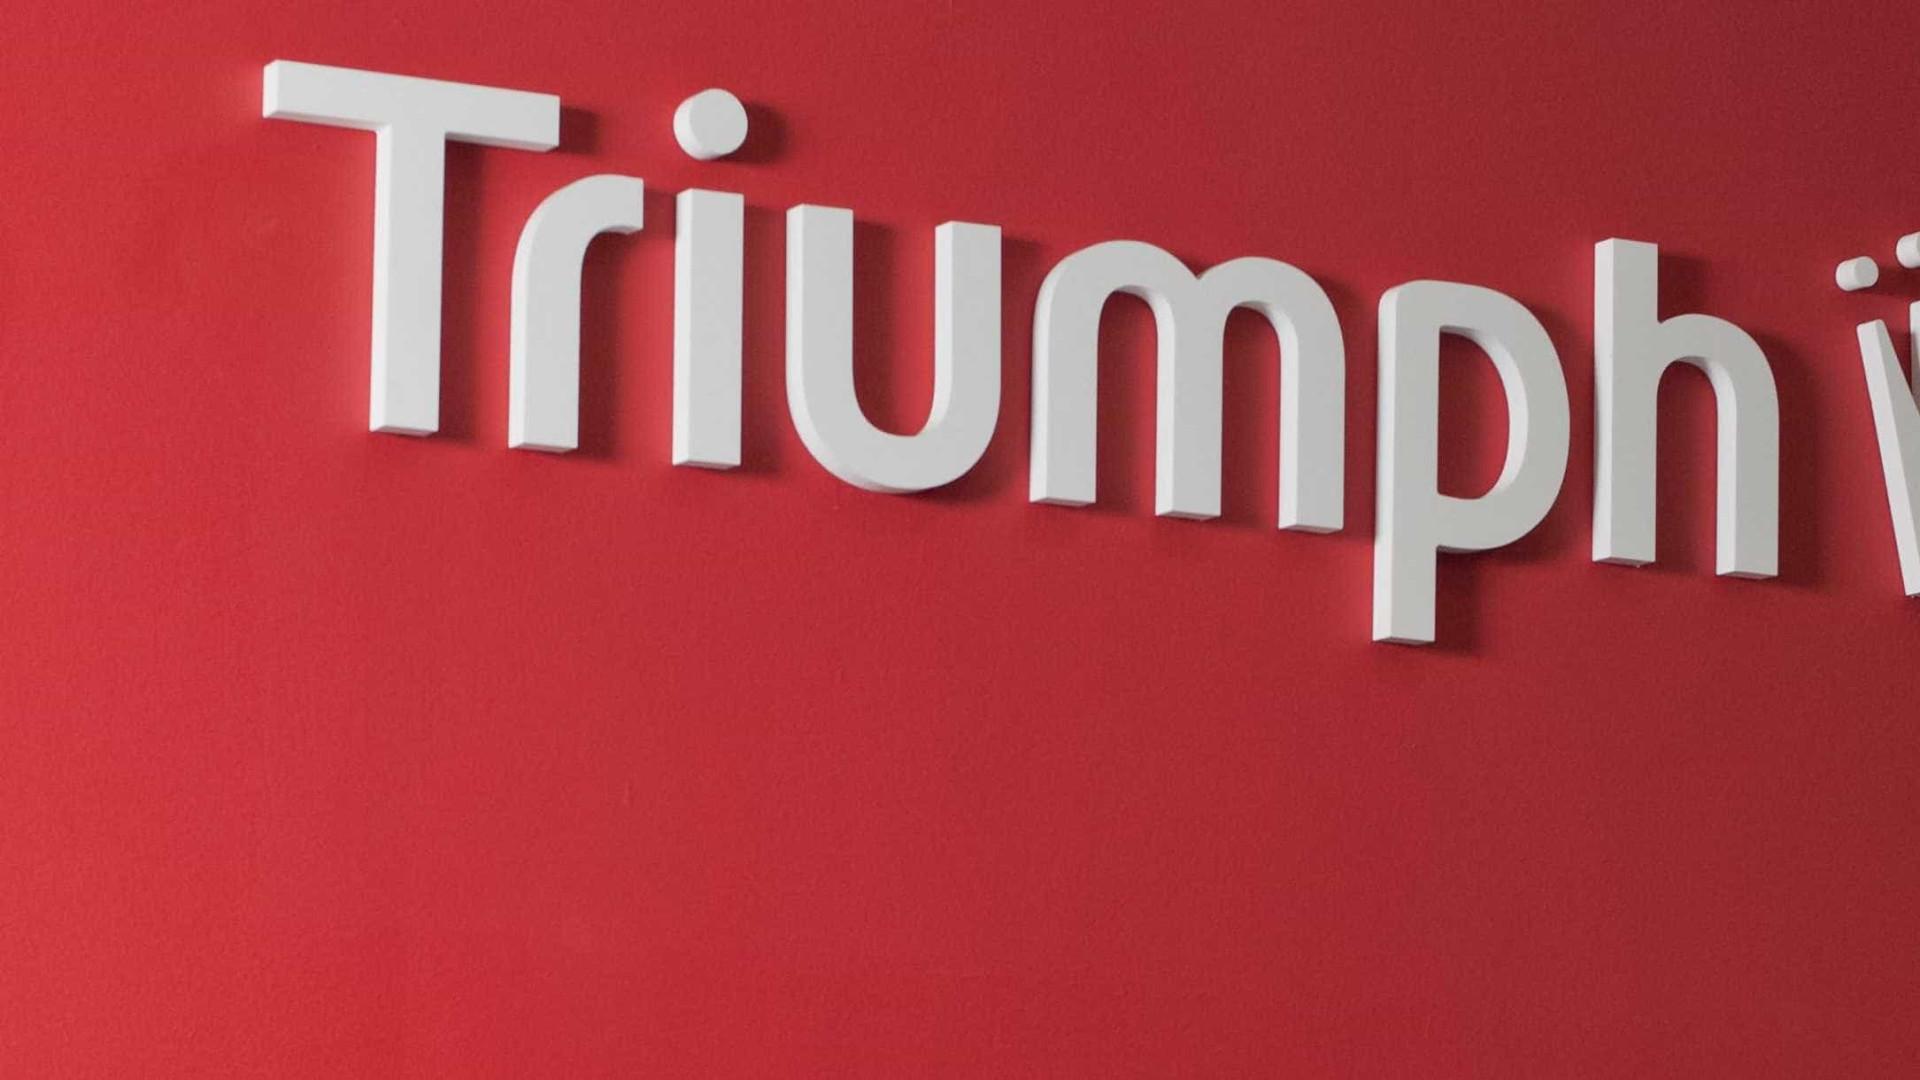 Edifício da antiga fábrica da Triumph vendido 4,2 milhões de euros